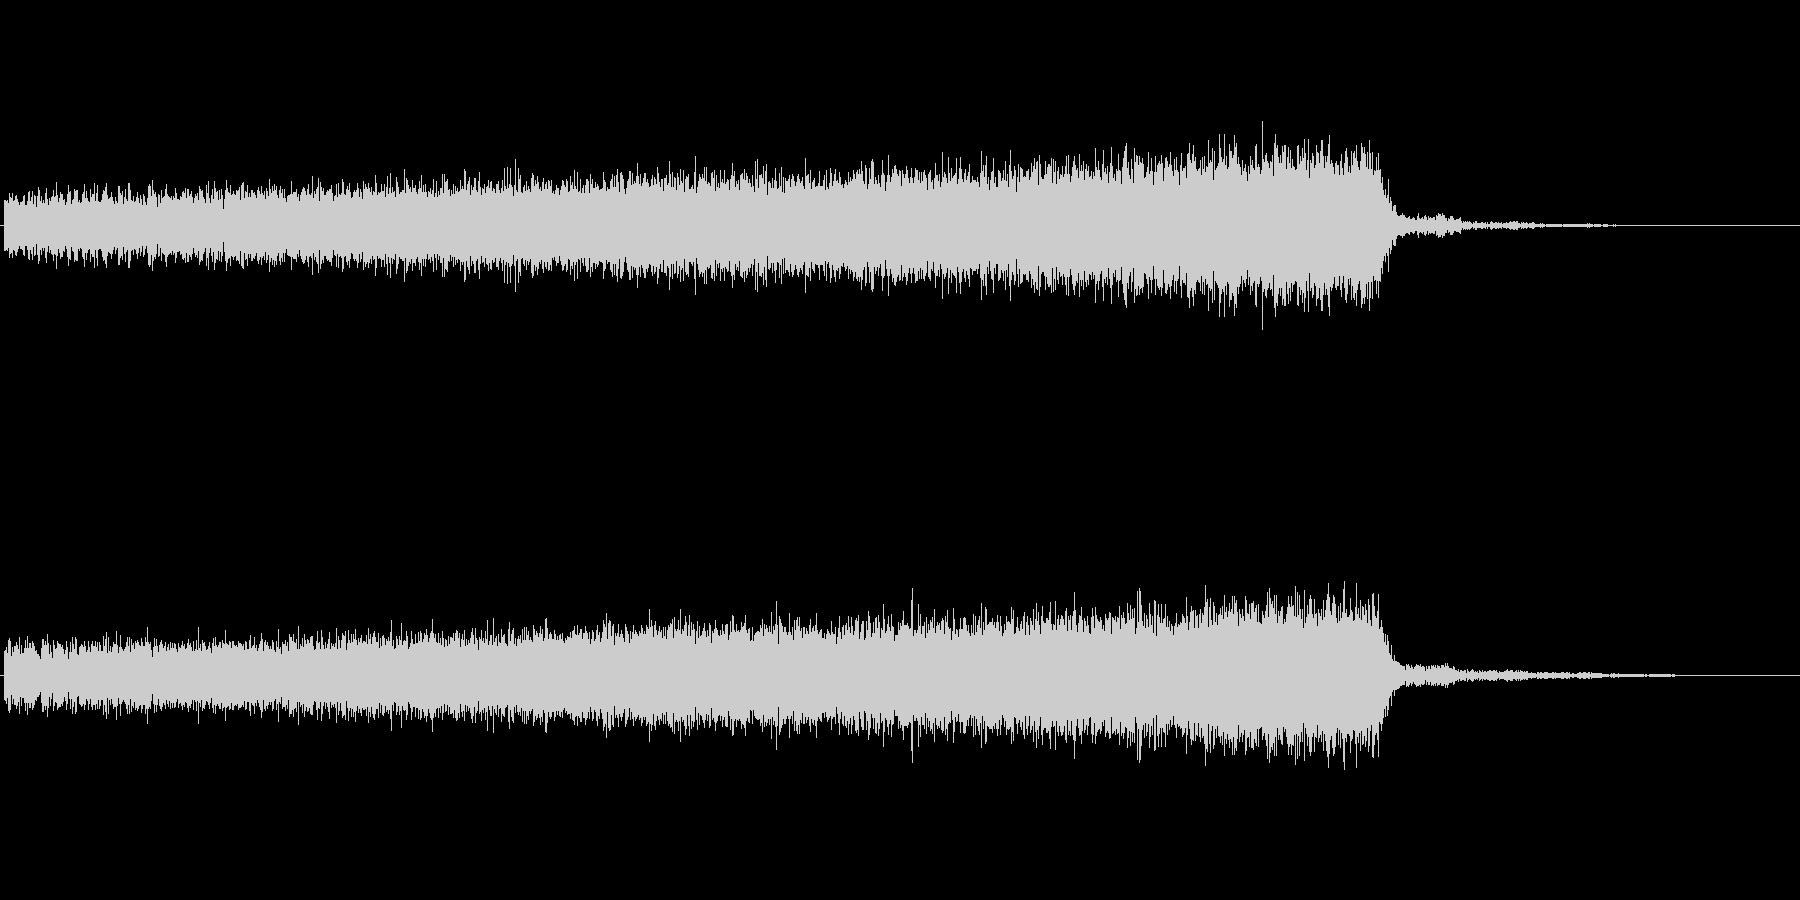 「ヒュー(上昇する音)」の未再生の波形